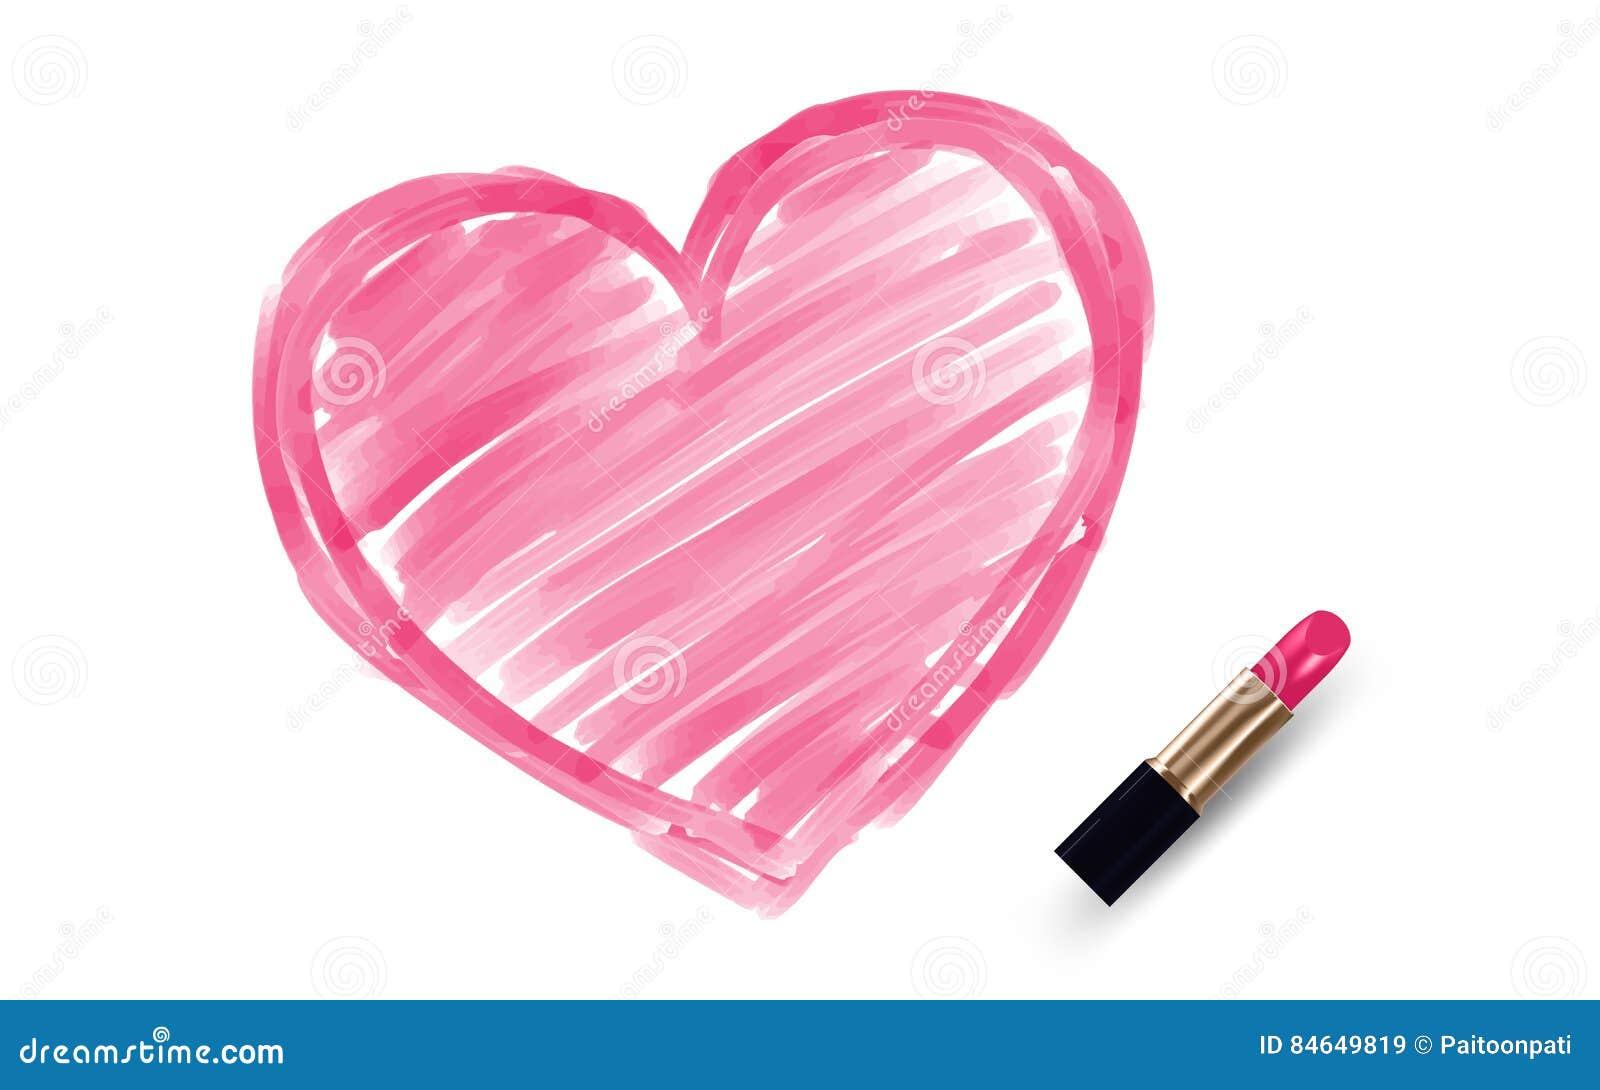 Dibujo Del Corazón Por Color Del Rosa Del Lápiz Labial